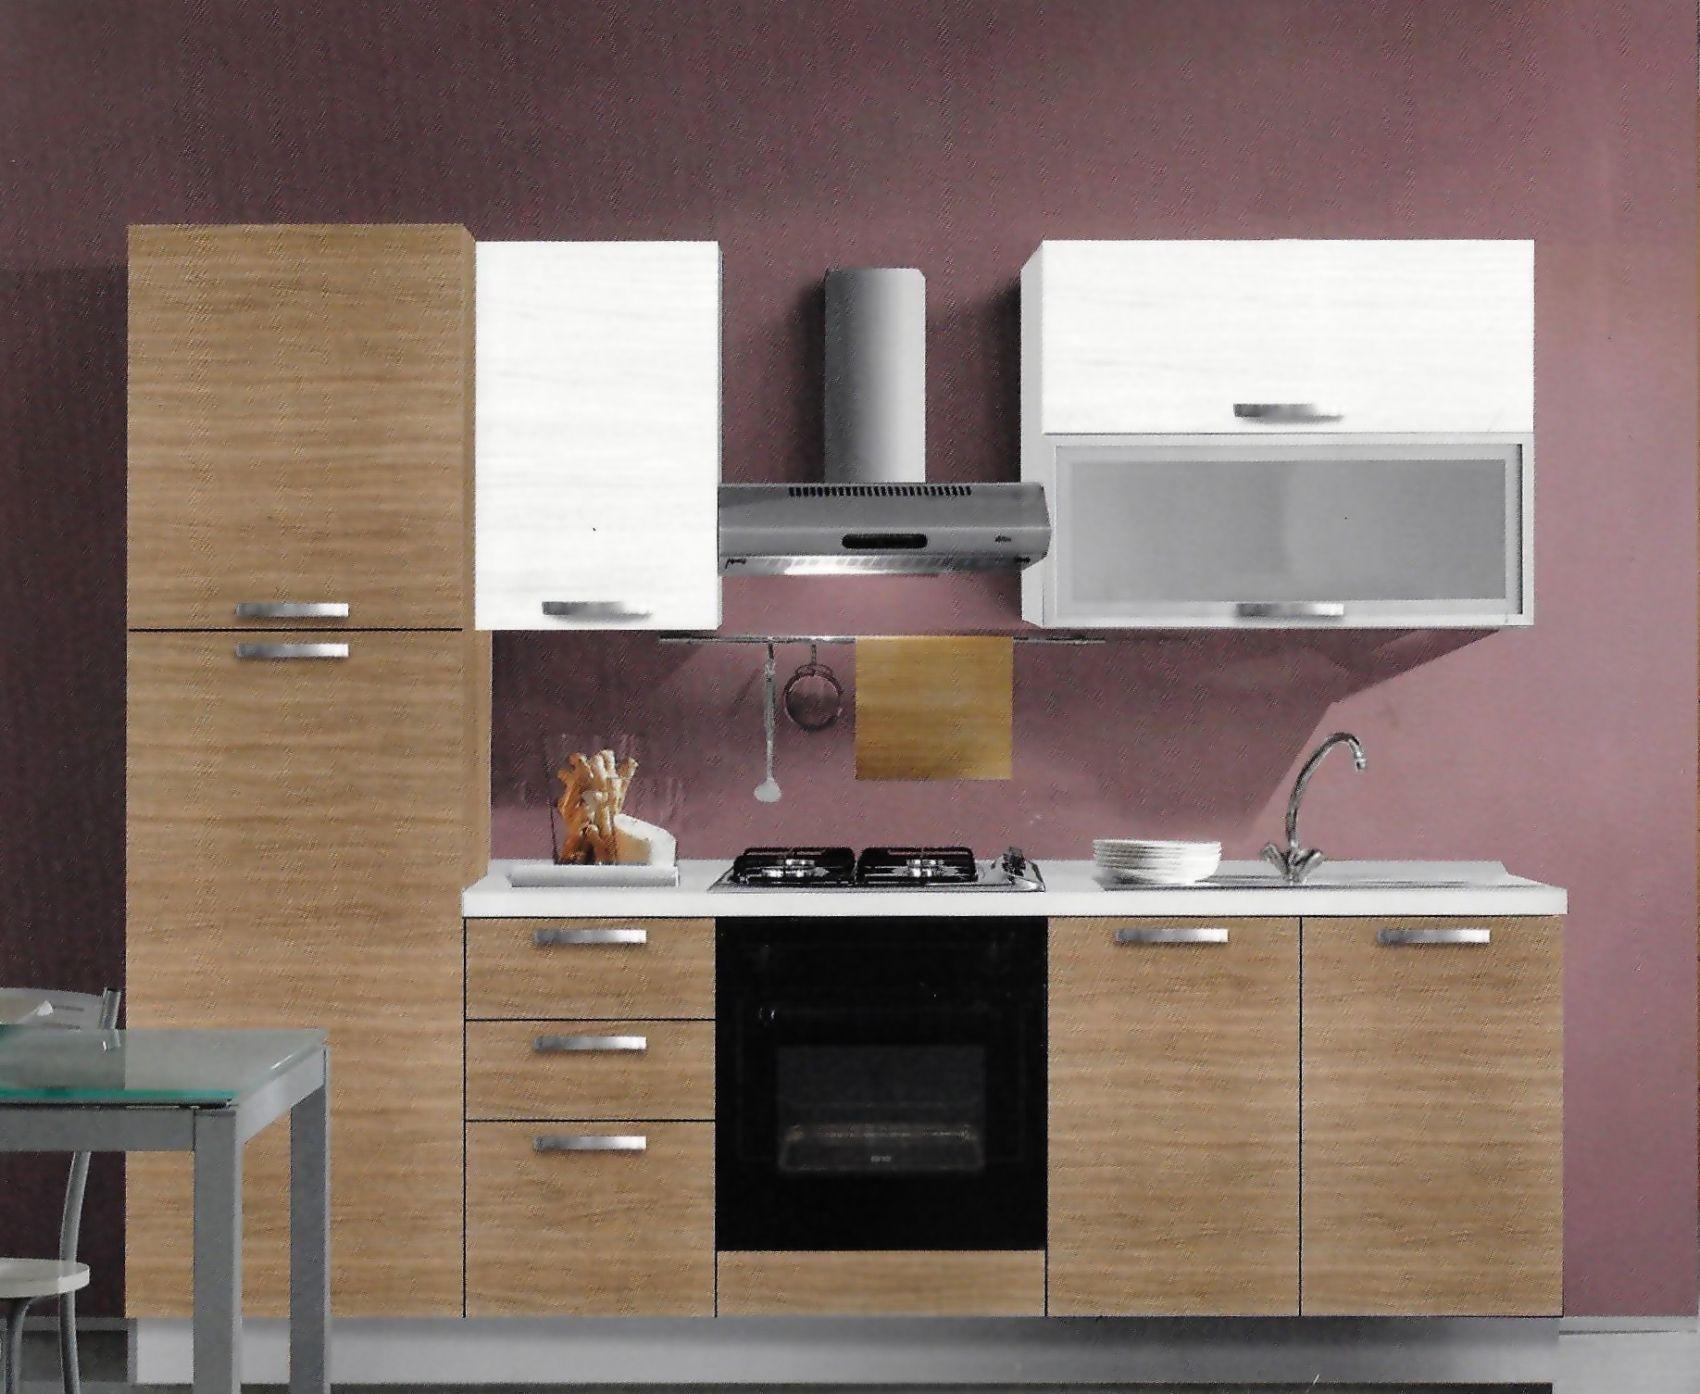 Promozione cucina completa cucine a prezzi scontati - Cucina completa prezzi ...